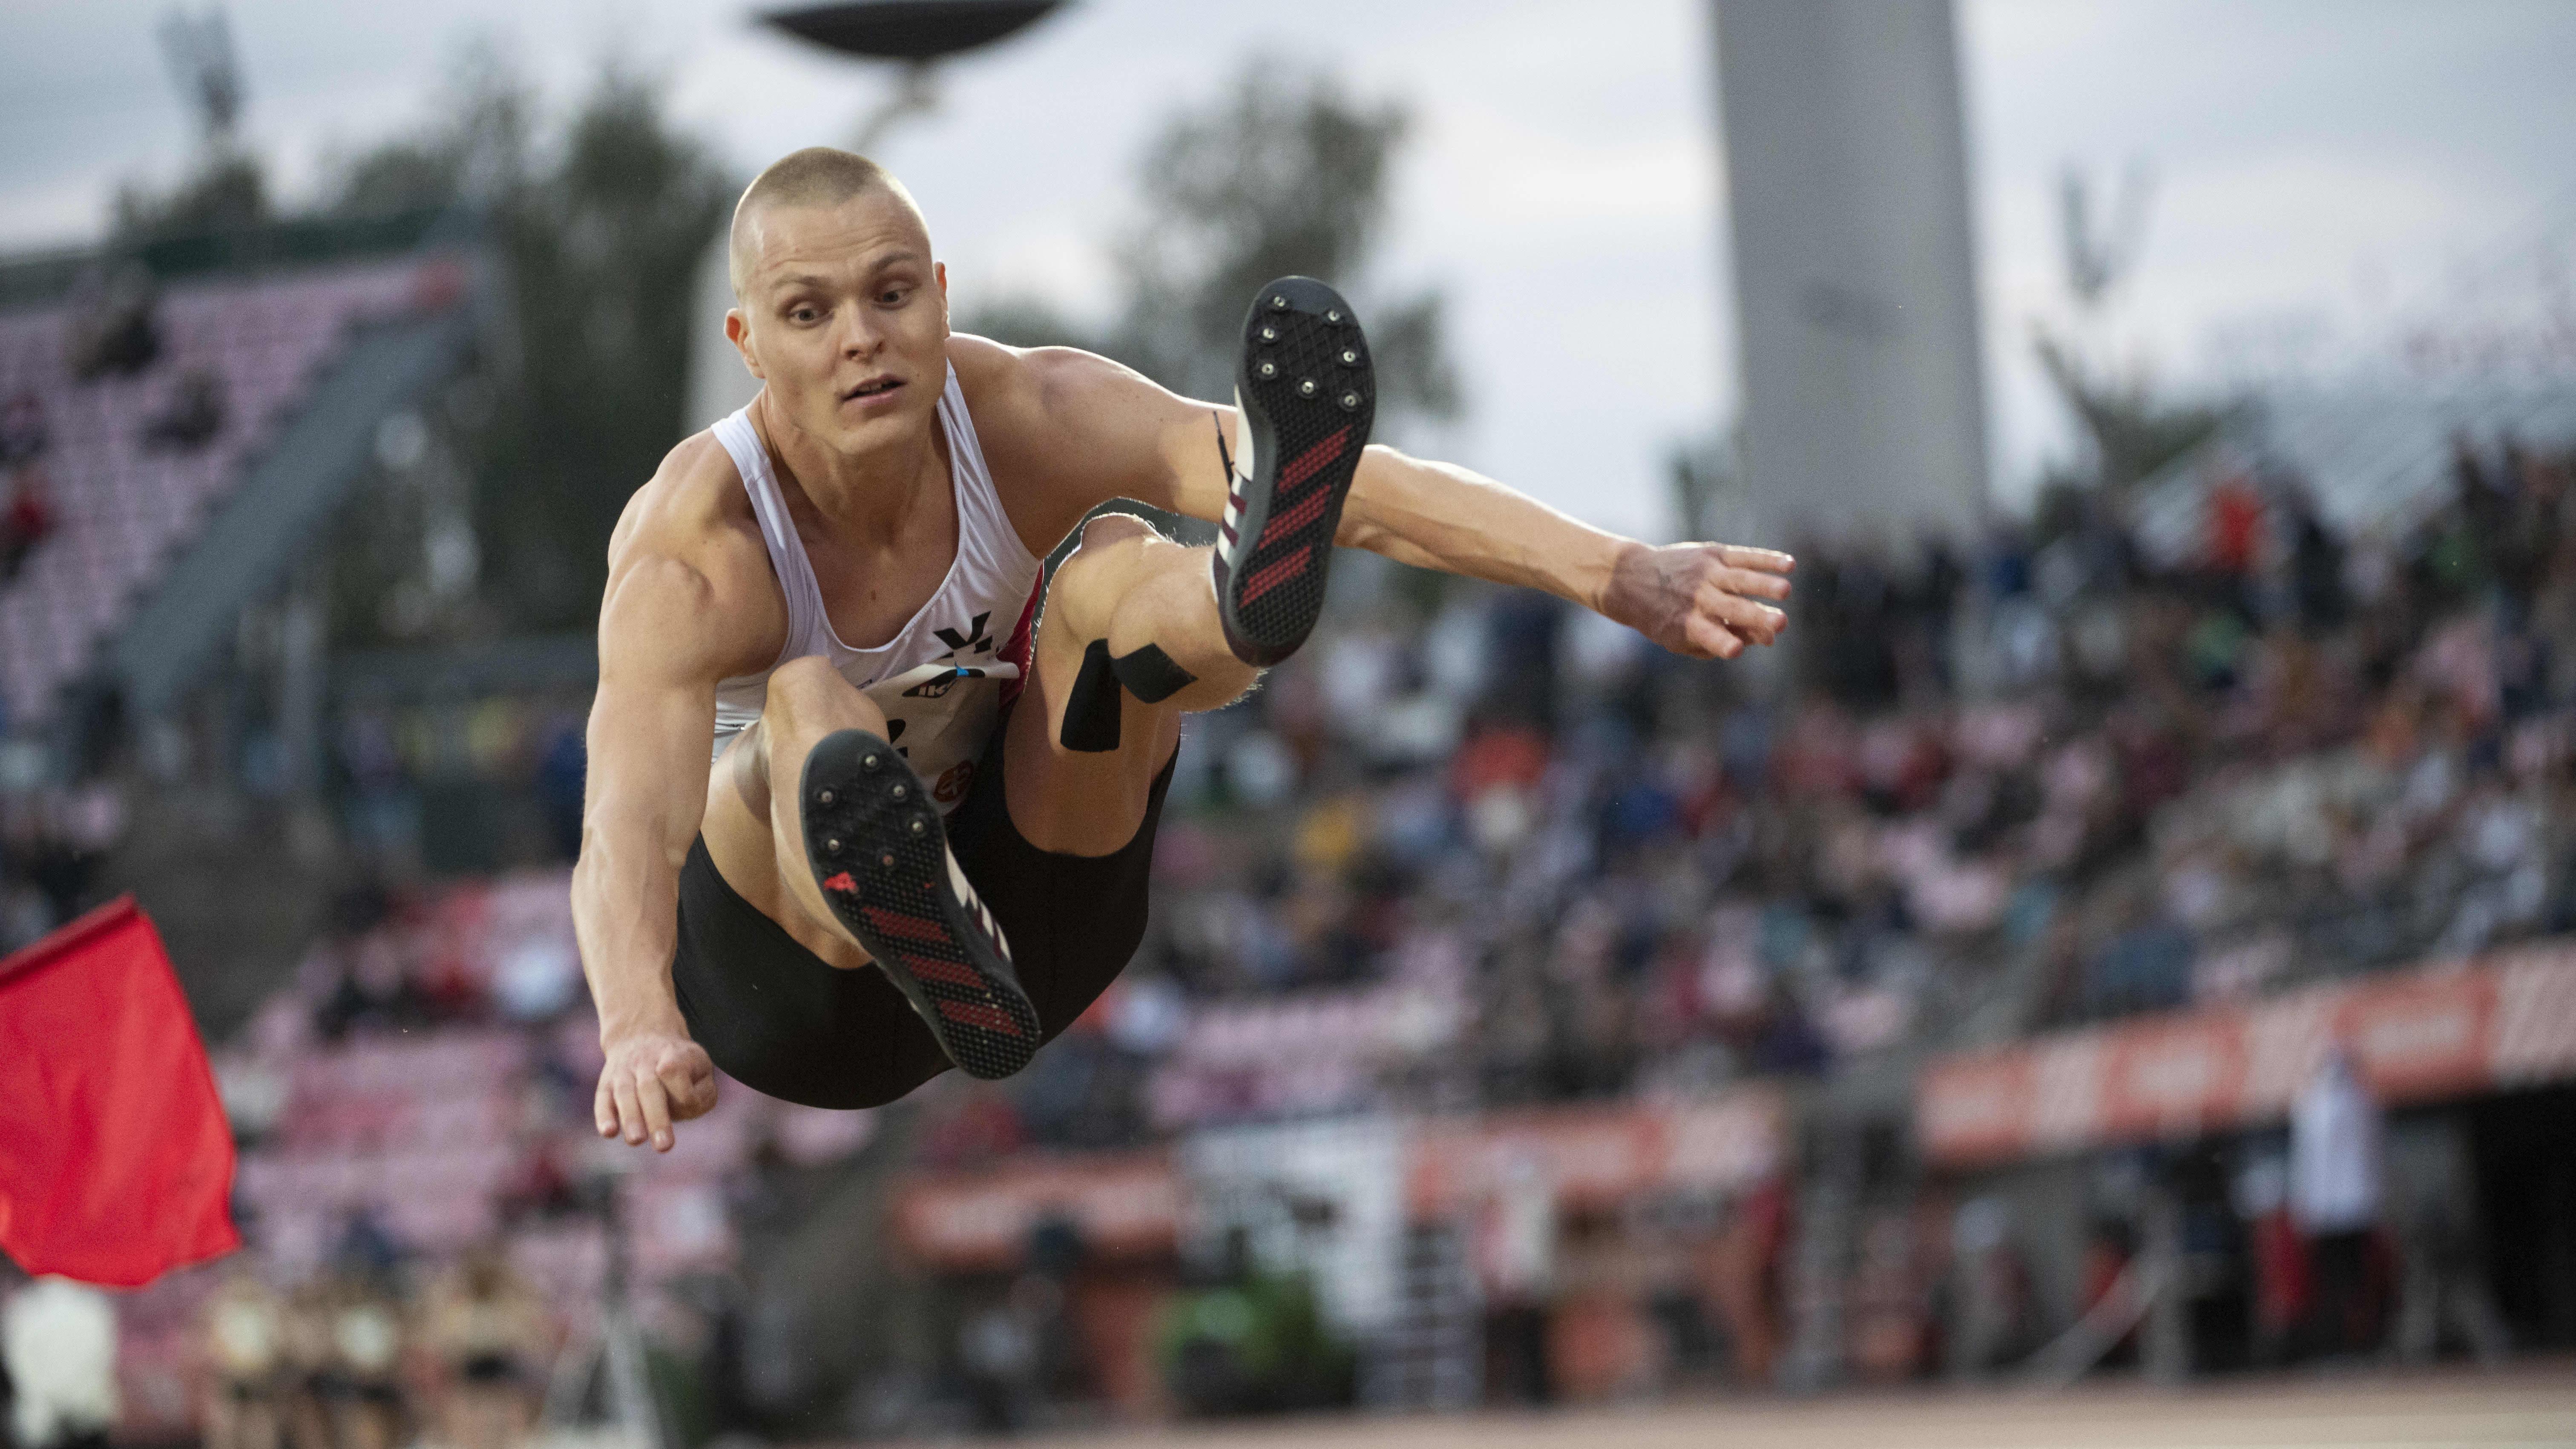 Pituushyppääjä Kristian Bäck hyppää Kalevan kisoissa.